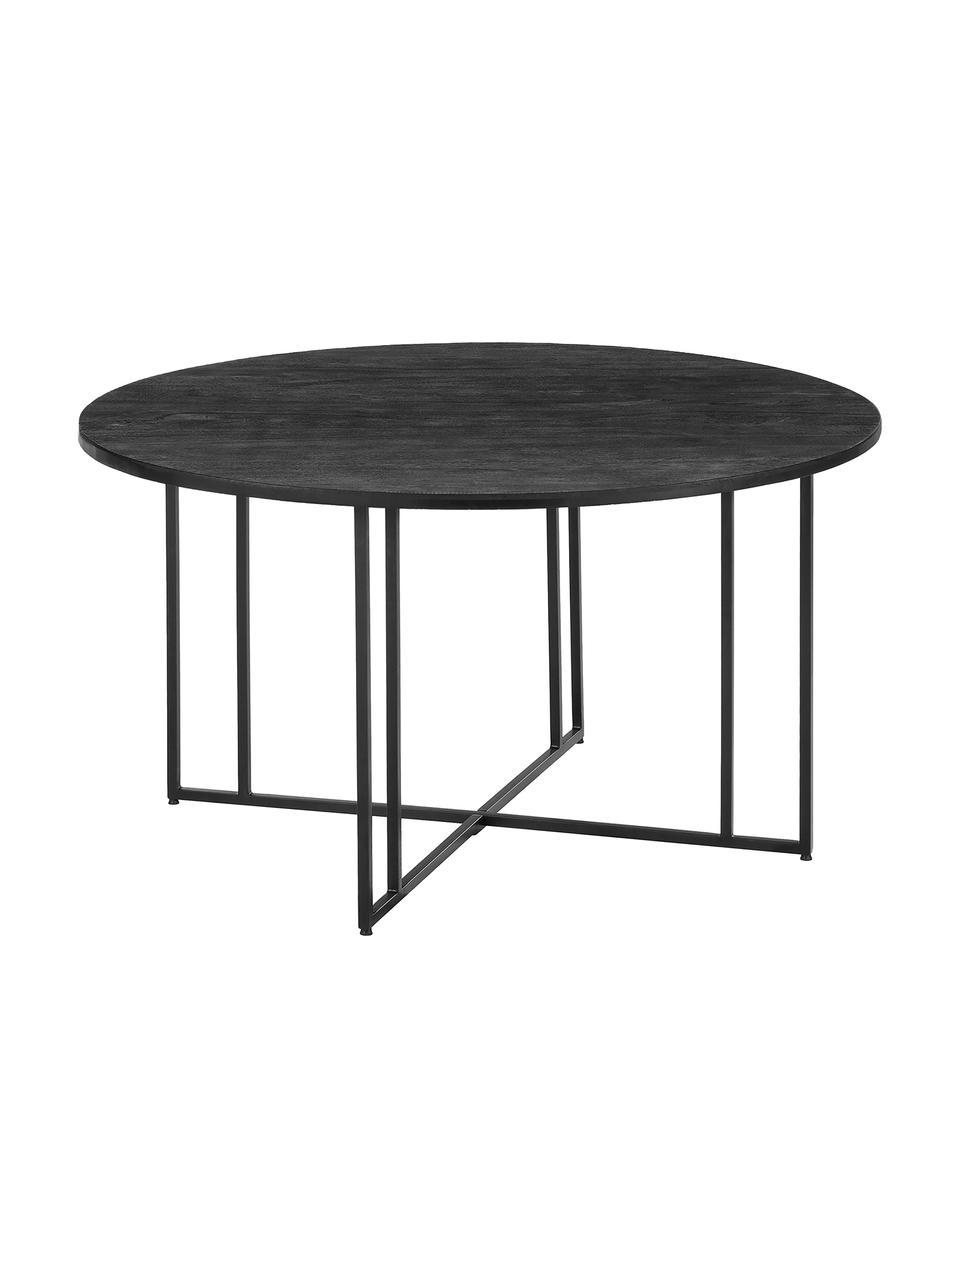 Runder Esstisch mit Massivholzplatte, Tischplatte: Massives Mangoholz, gebür, Gestell: Metall, pulverbeschichtet, Schwarz, Ø 120 x H 75 cm